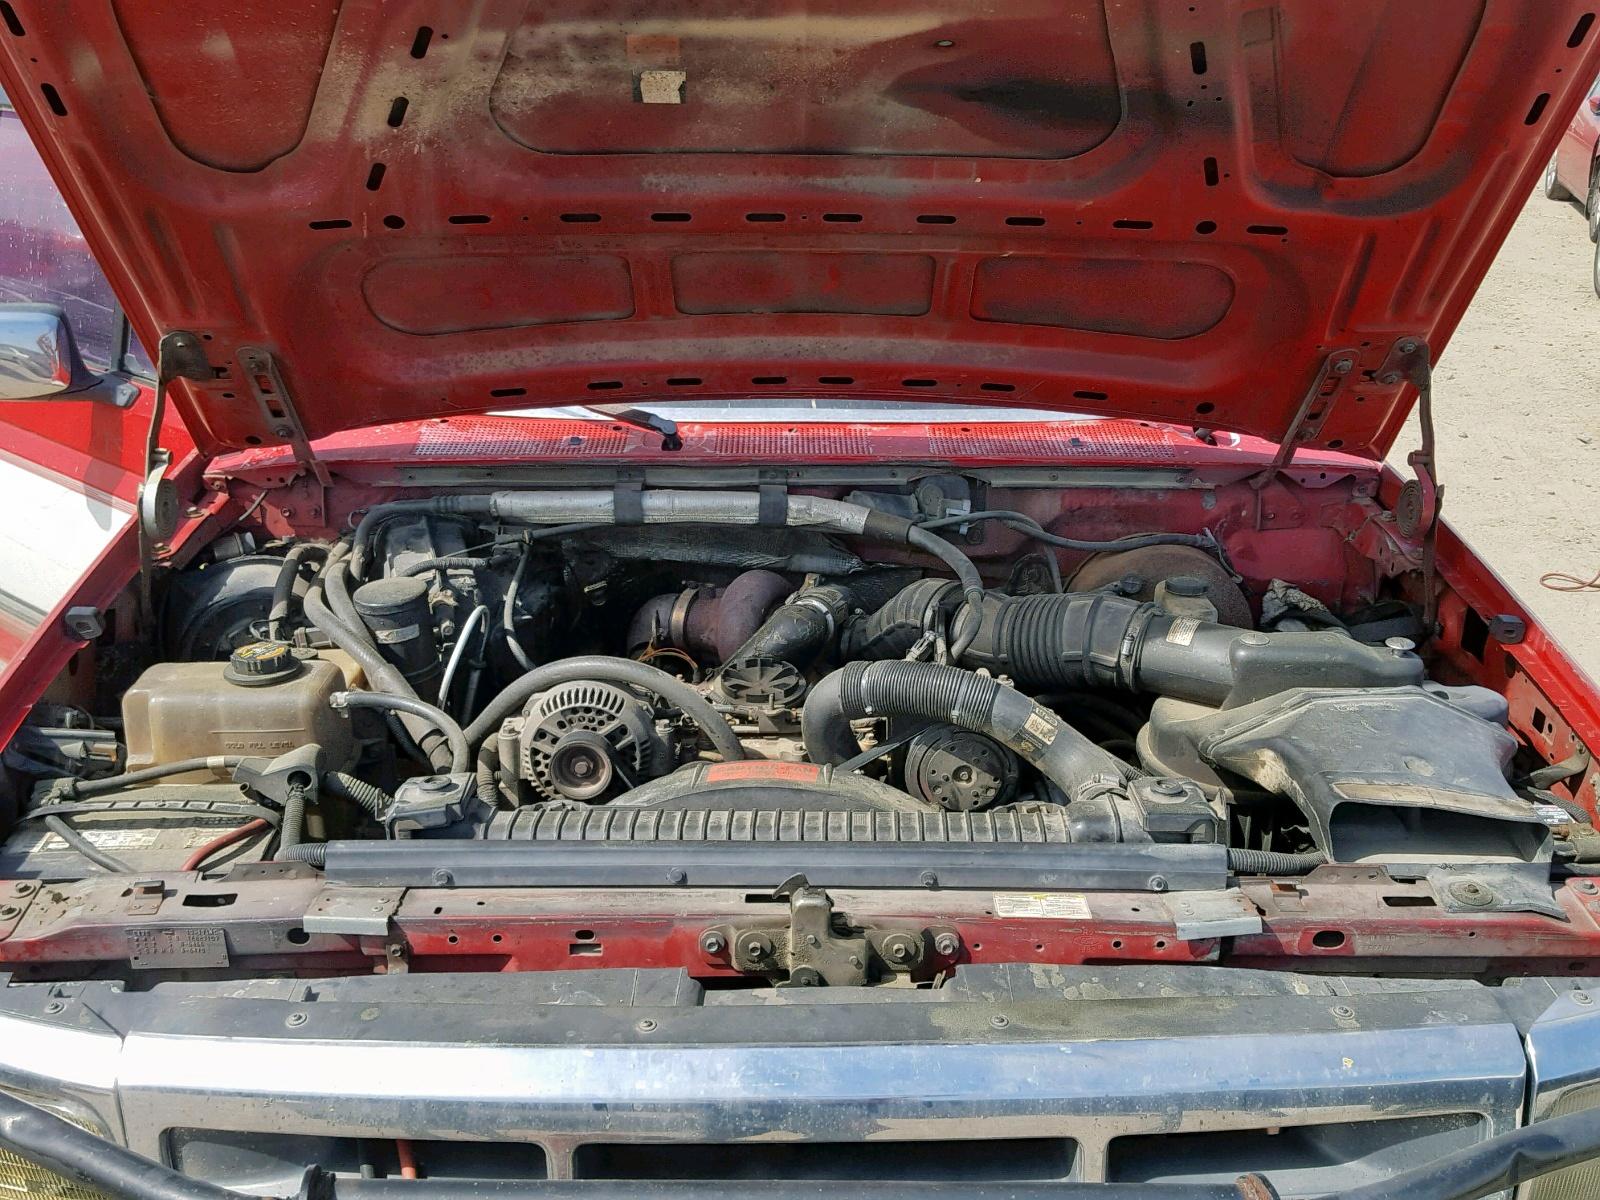 hight resolution of  1fthw26f7teb29109 1996 ford f250 7 3l inside view 1fthw26f7teb29109